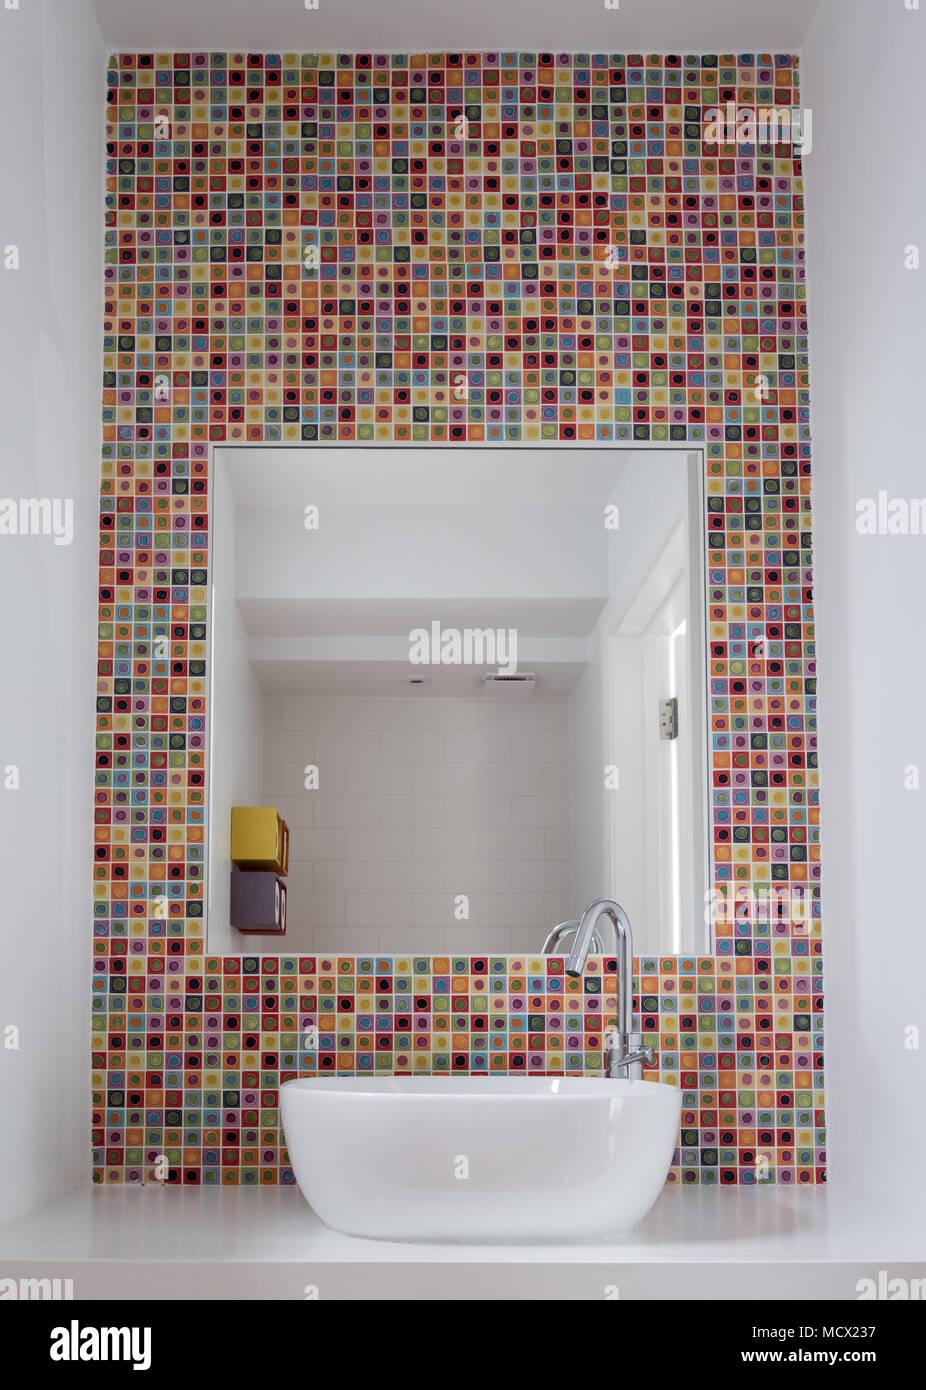 Lavabo Salle De Bains Avec Carreaux En Pate De Verre Coloree Et Miroir Encadre Dans Les Tuiles Photo Stock Alamy